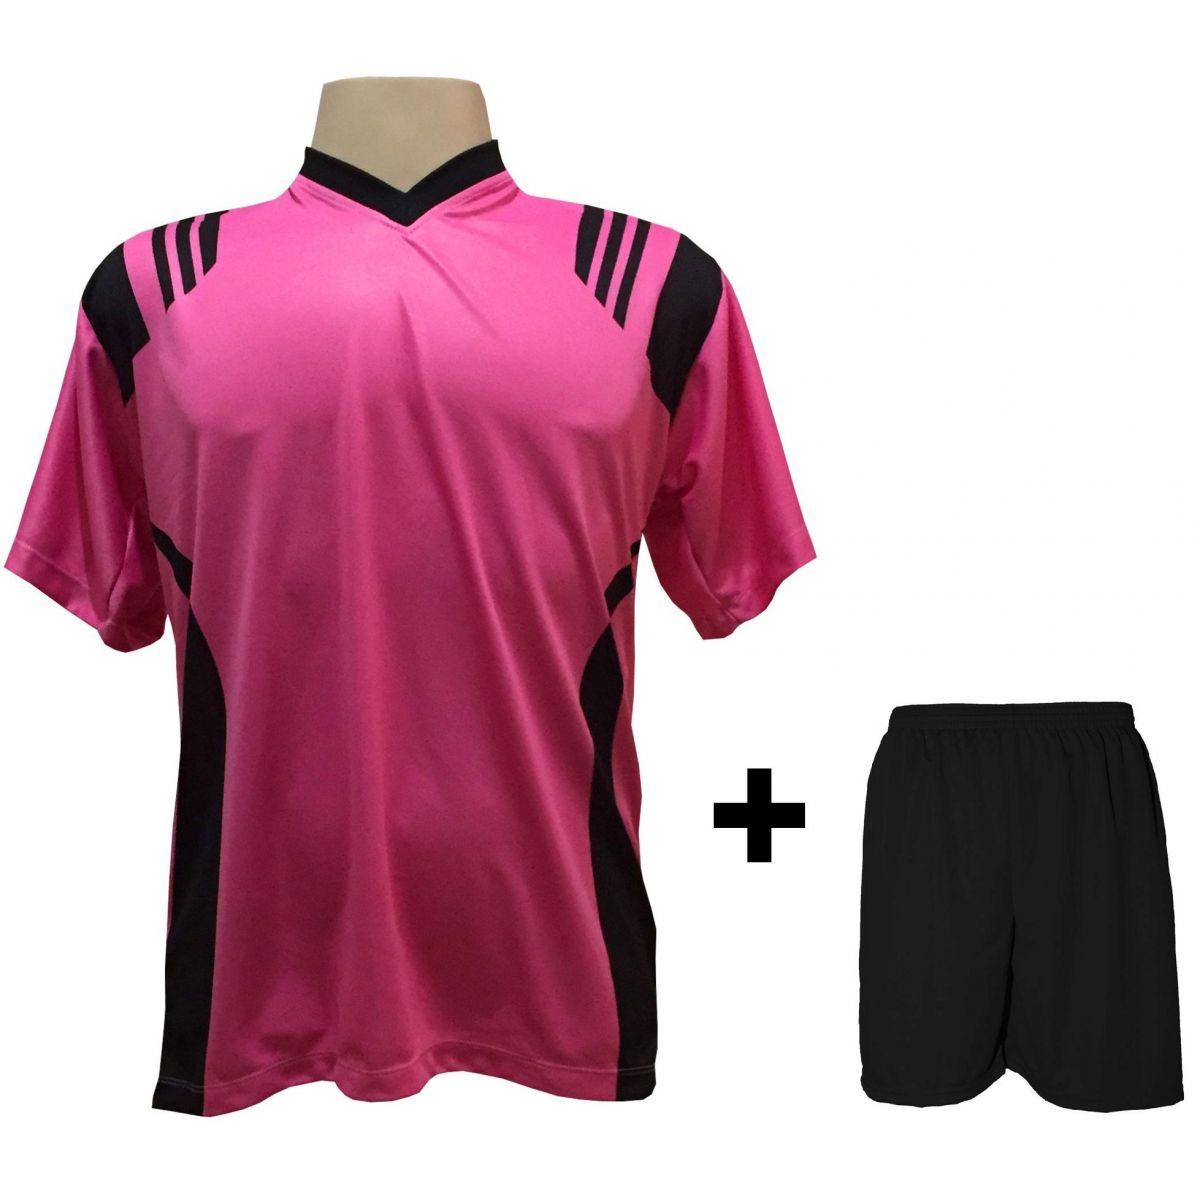 Uniforme Esportivo com 12 camisas modelo Roma Pink/Preto + 12 calções modelo Madrid + 1 Goleiro + Brindes